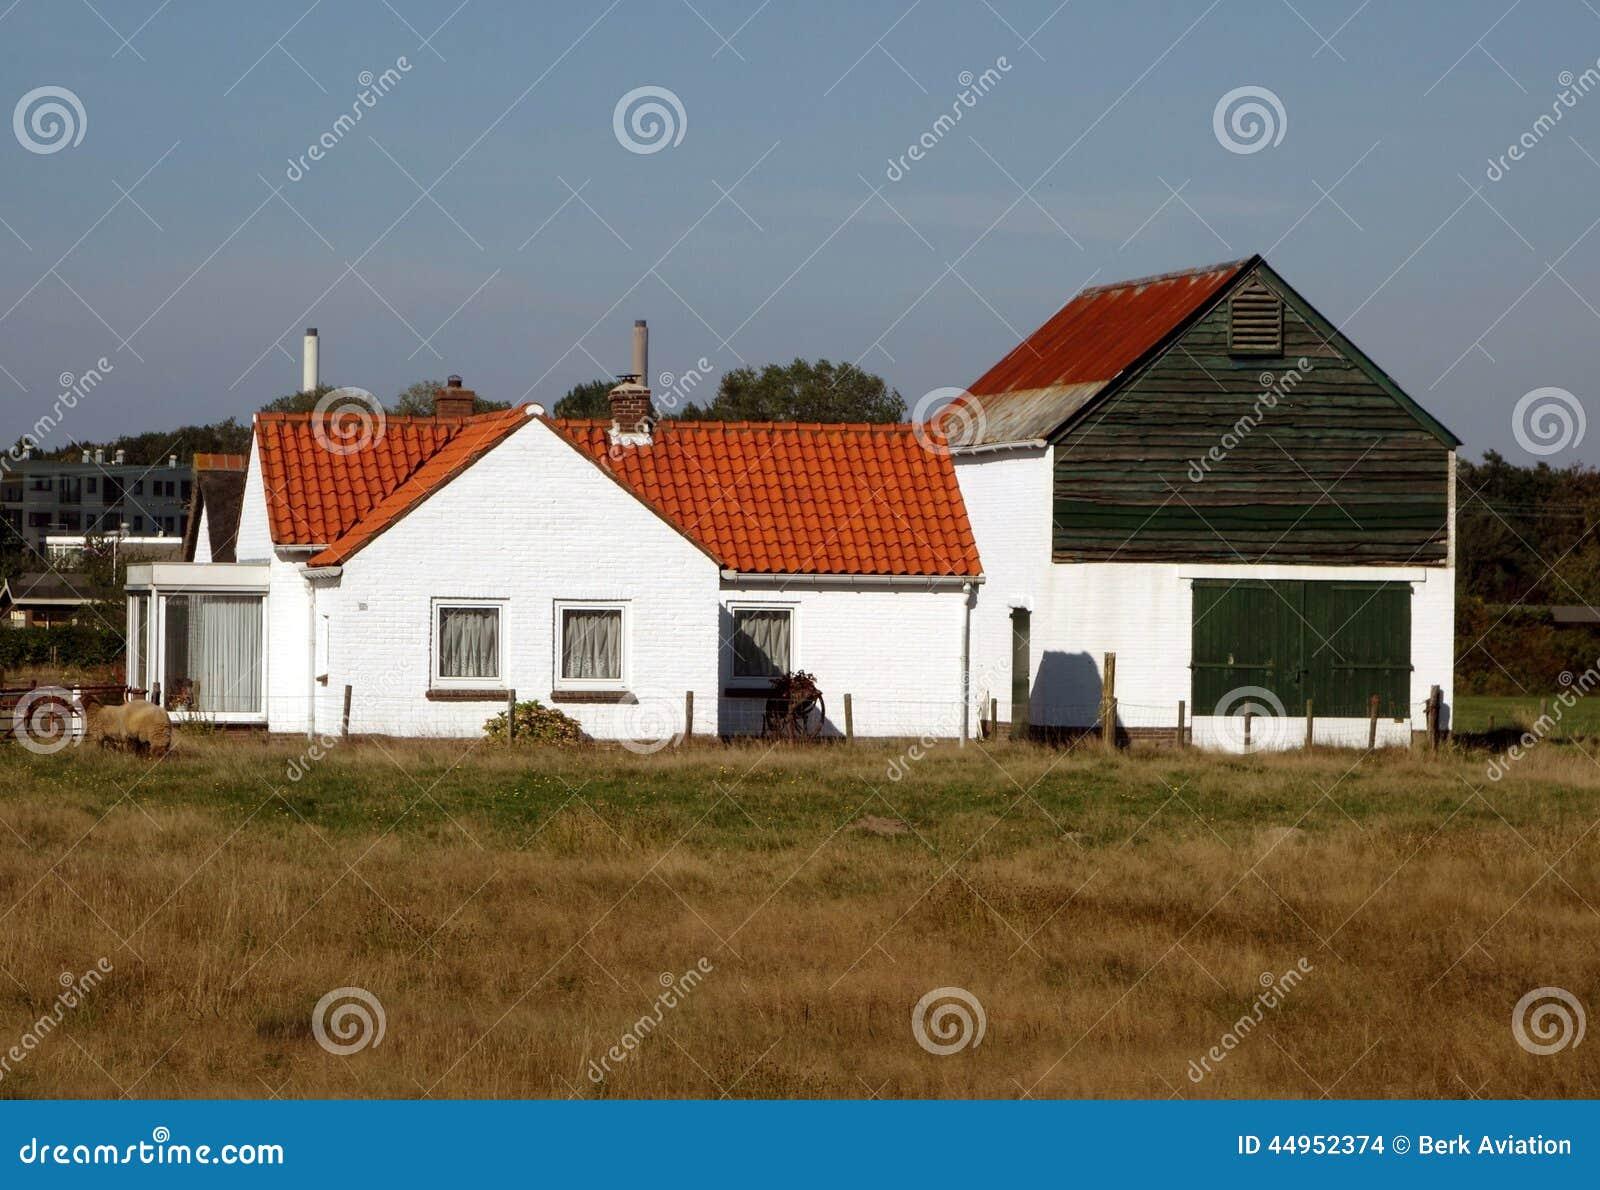 Dutch farm house stock photo image 44952374 for Farm house netherlands